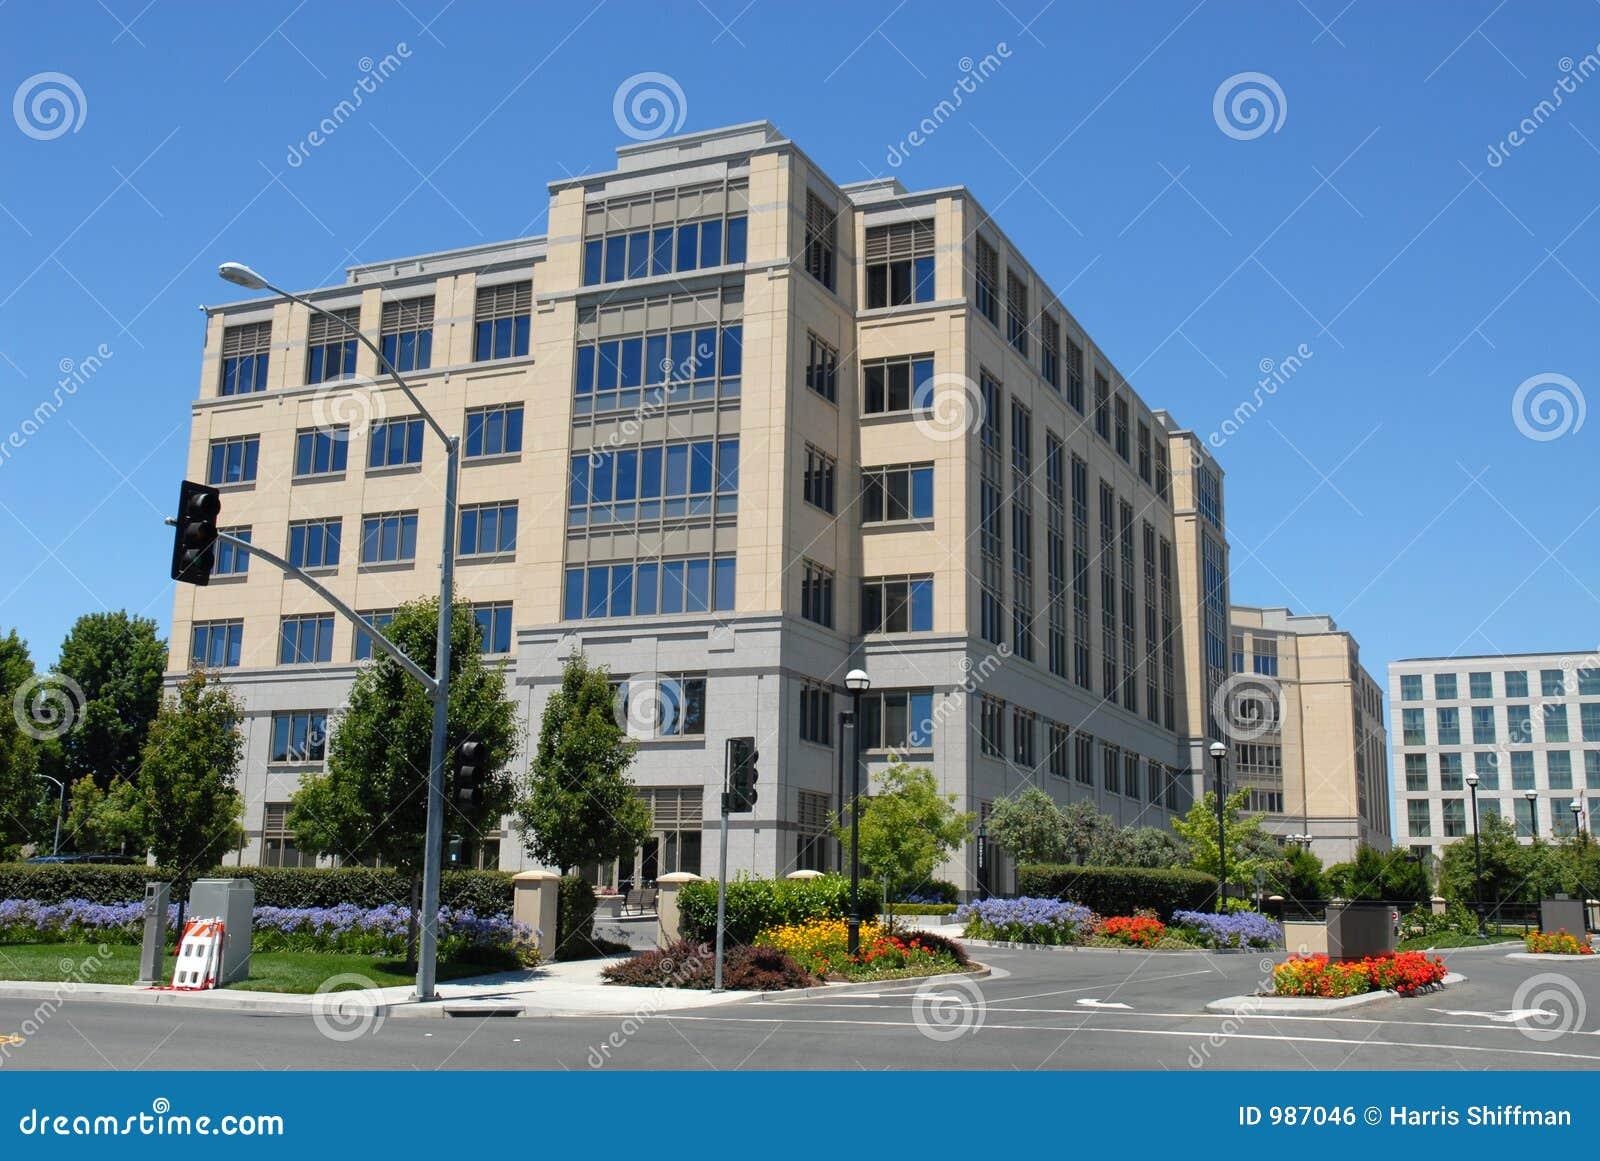 Immeuble de bureaux photo stock image du alto for Immeuble bureau plan